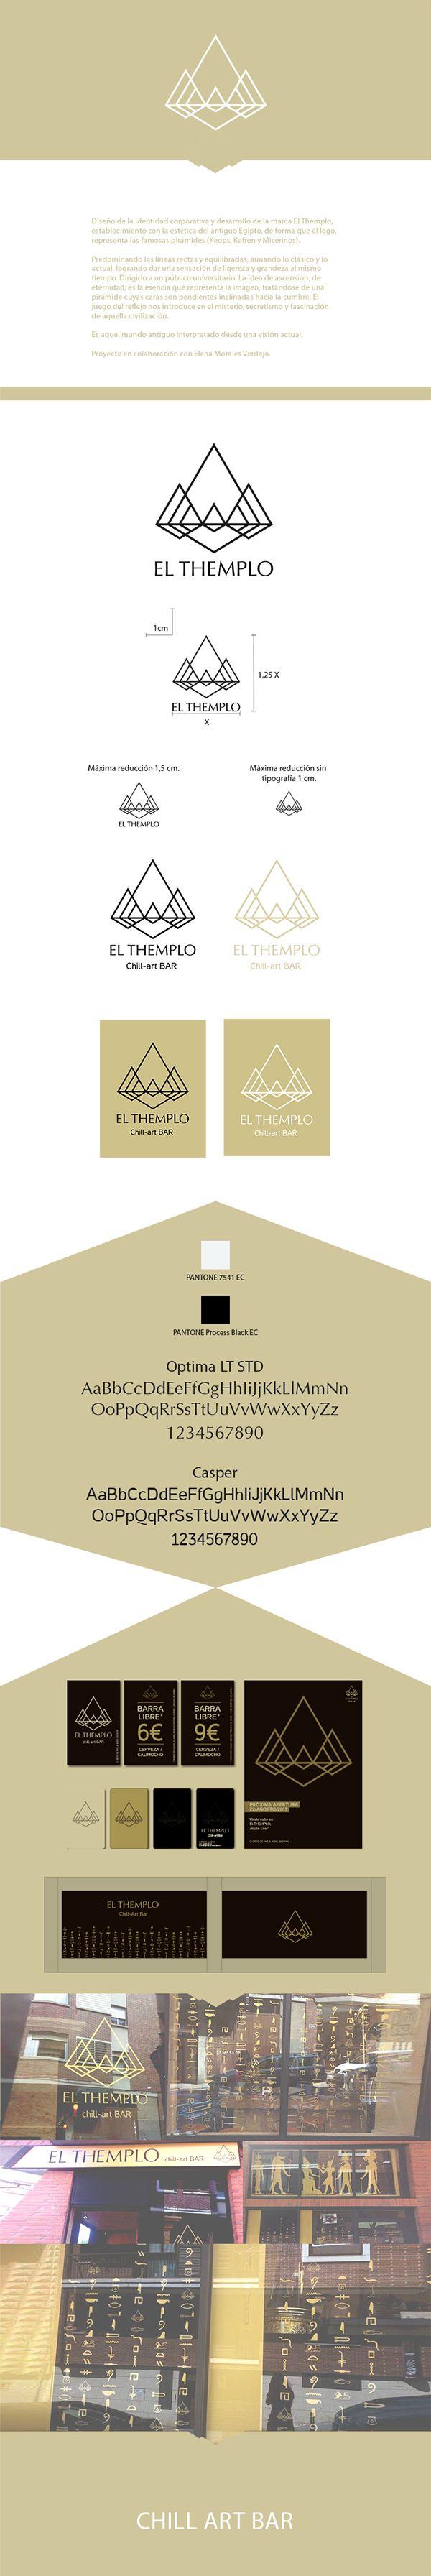 EL THEMPLO Chill-art BAR on Behance  Diseño de la identidad corporativa y desarrollo de la marca El Themplo, establecimiento con la estética del antiguo Egipto, de forma que el logo, representa las famosas pirámides (Keops, Kefren y Micerinos).  www.pmatorrego.com